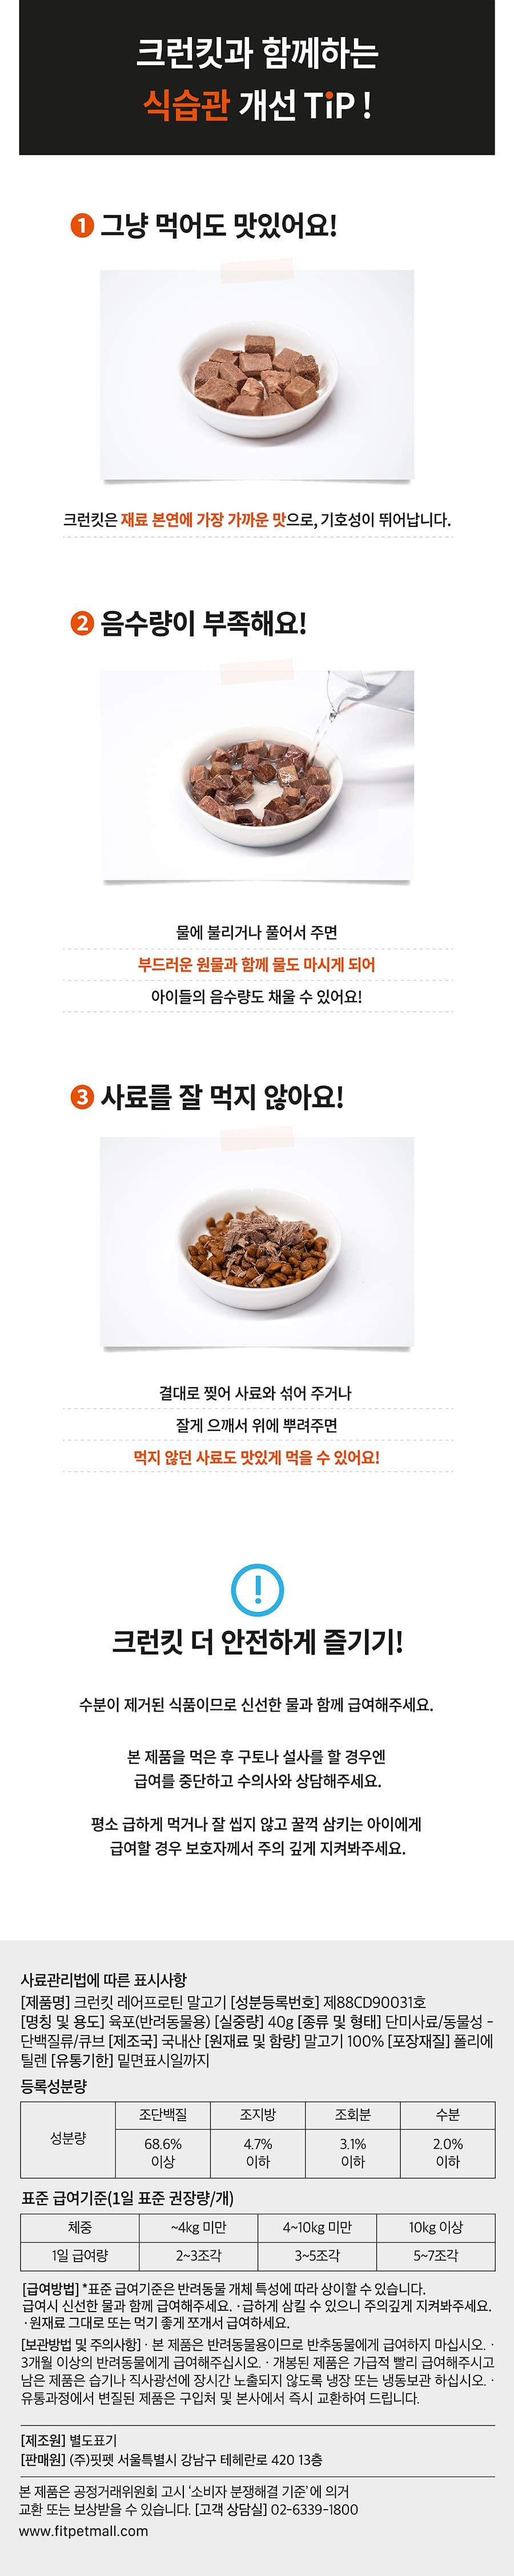 it 크런킷 레어프로틴 (열빙어/캥거루/상어순살/말고기/껍질연어)-상품이미지-10